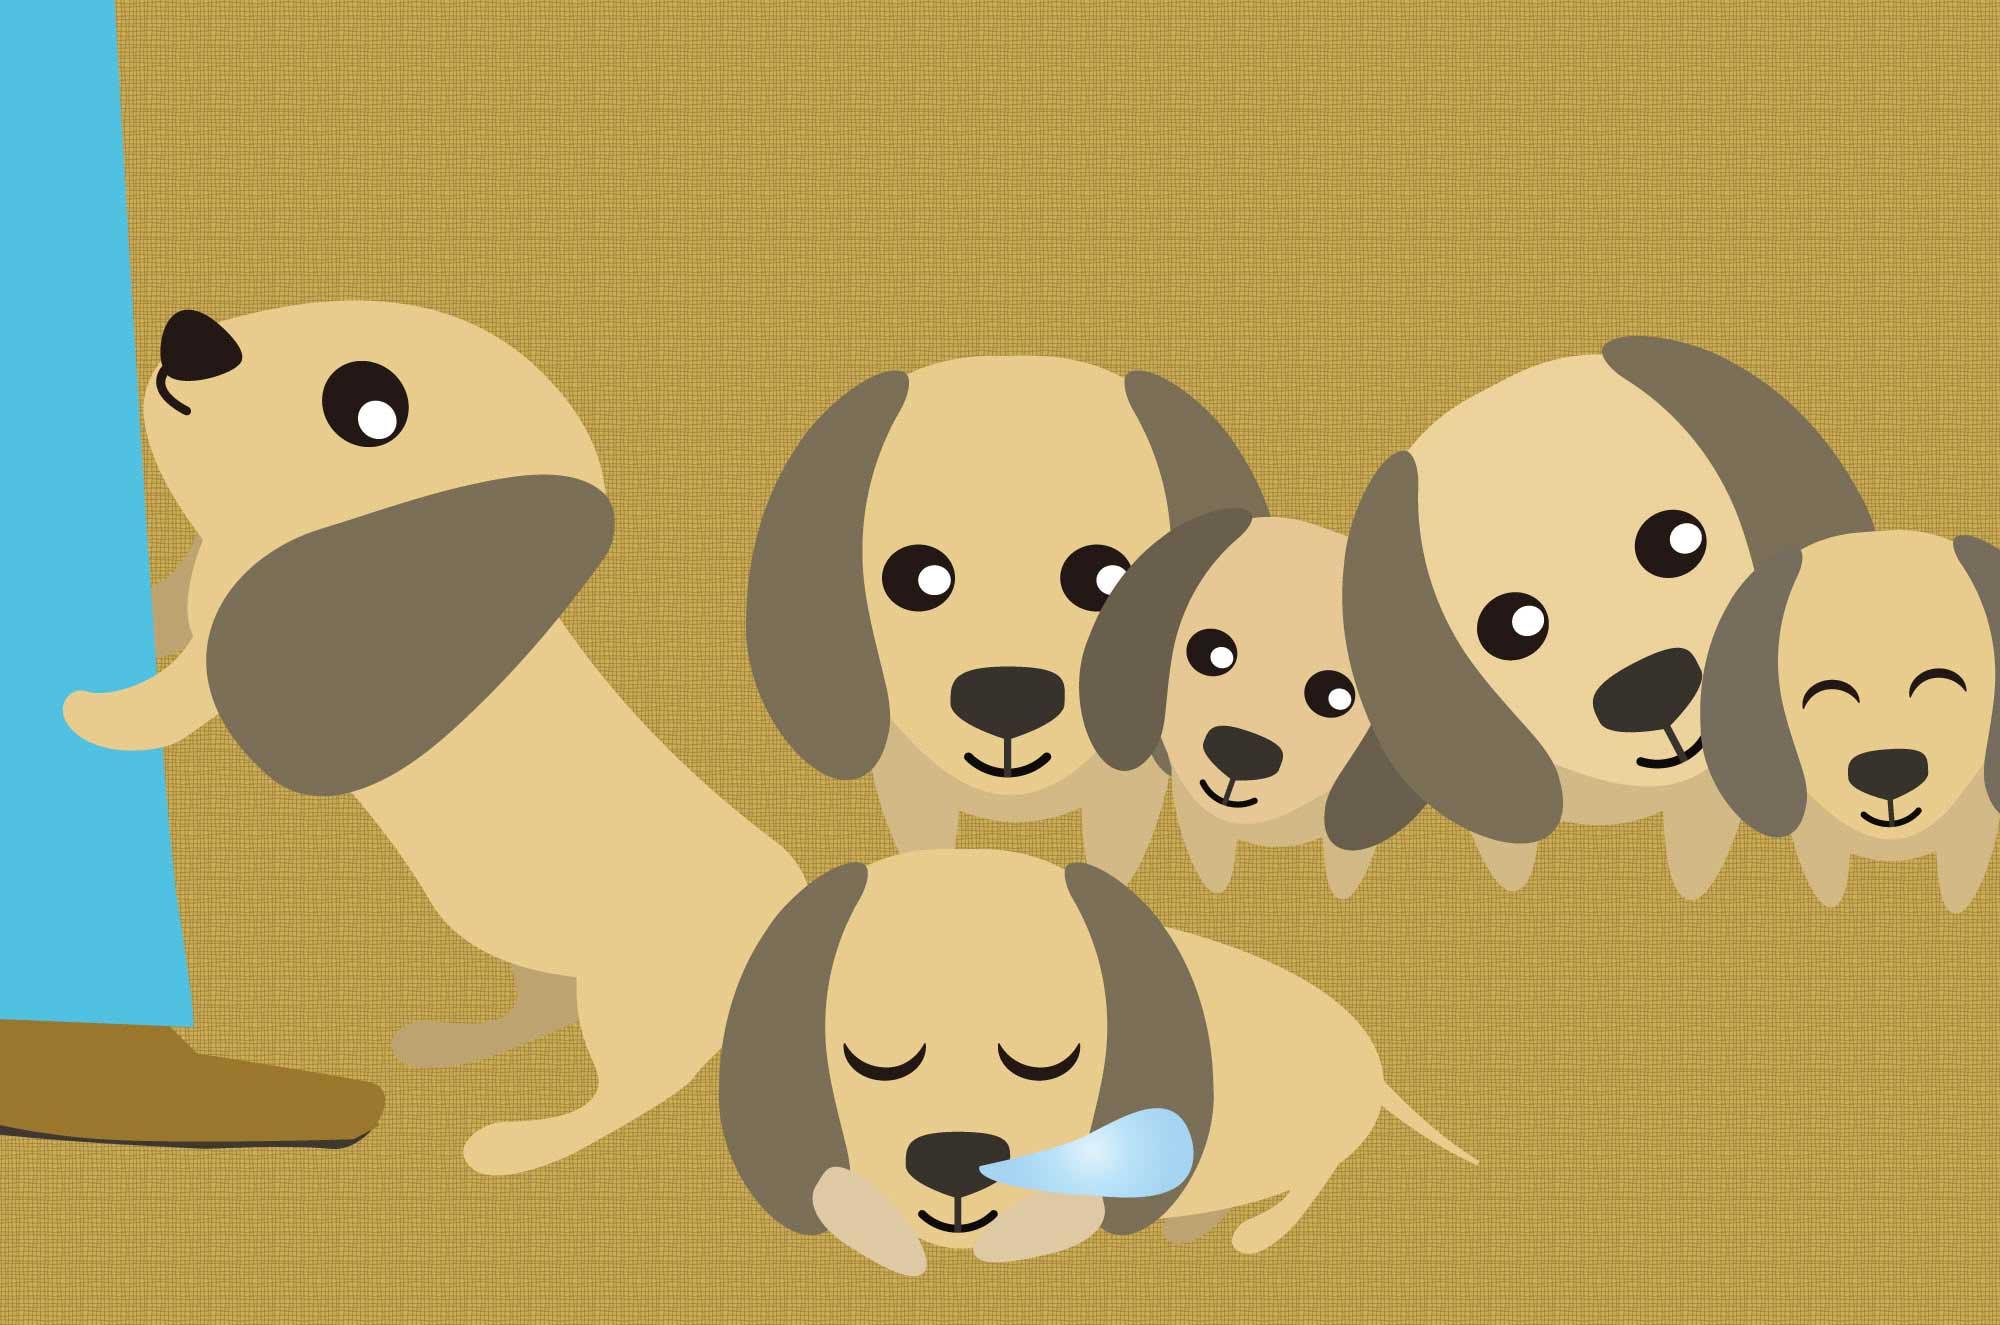 ダックスフンドのイラスト - 可愛い犬のフリー素材集